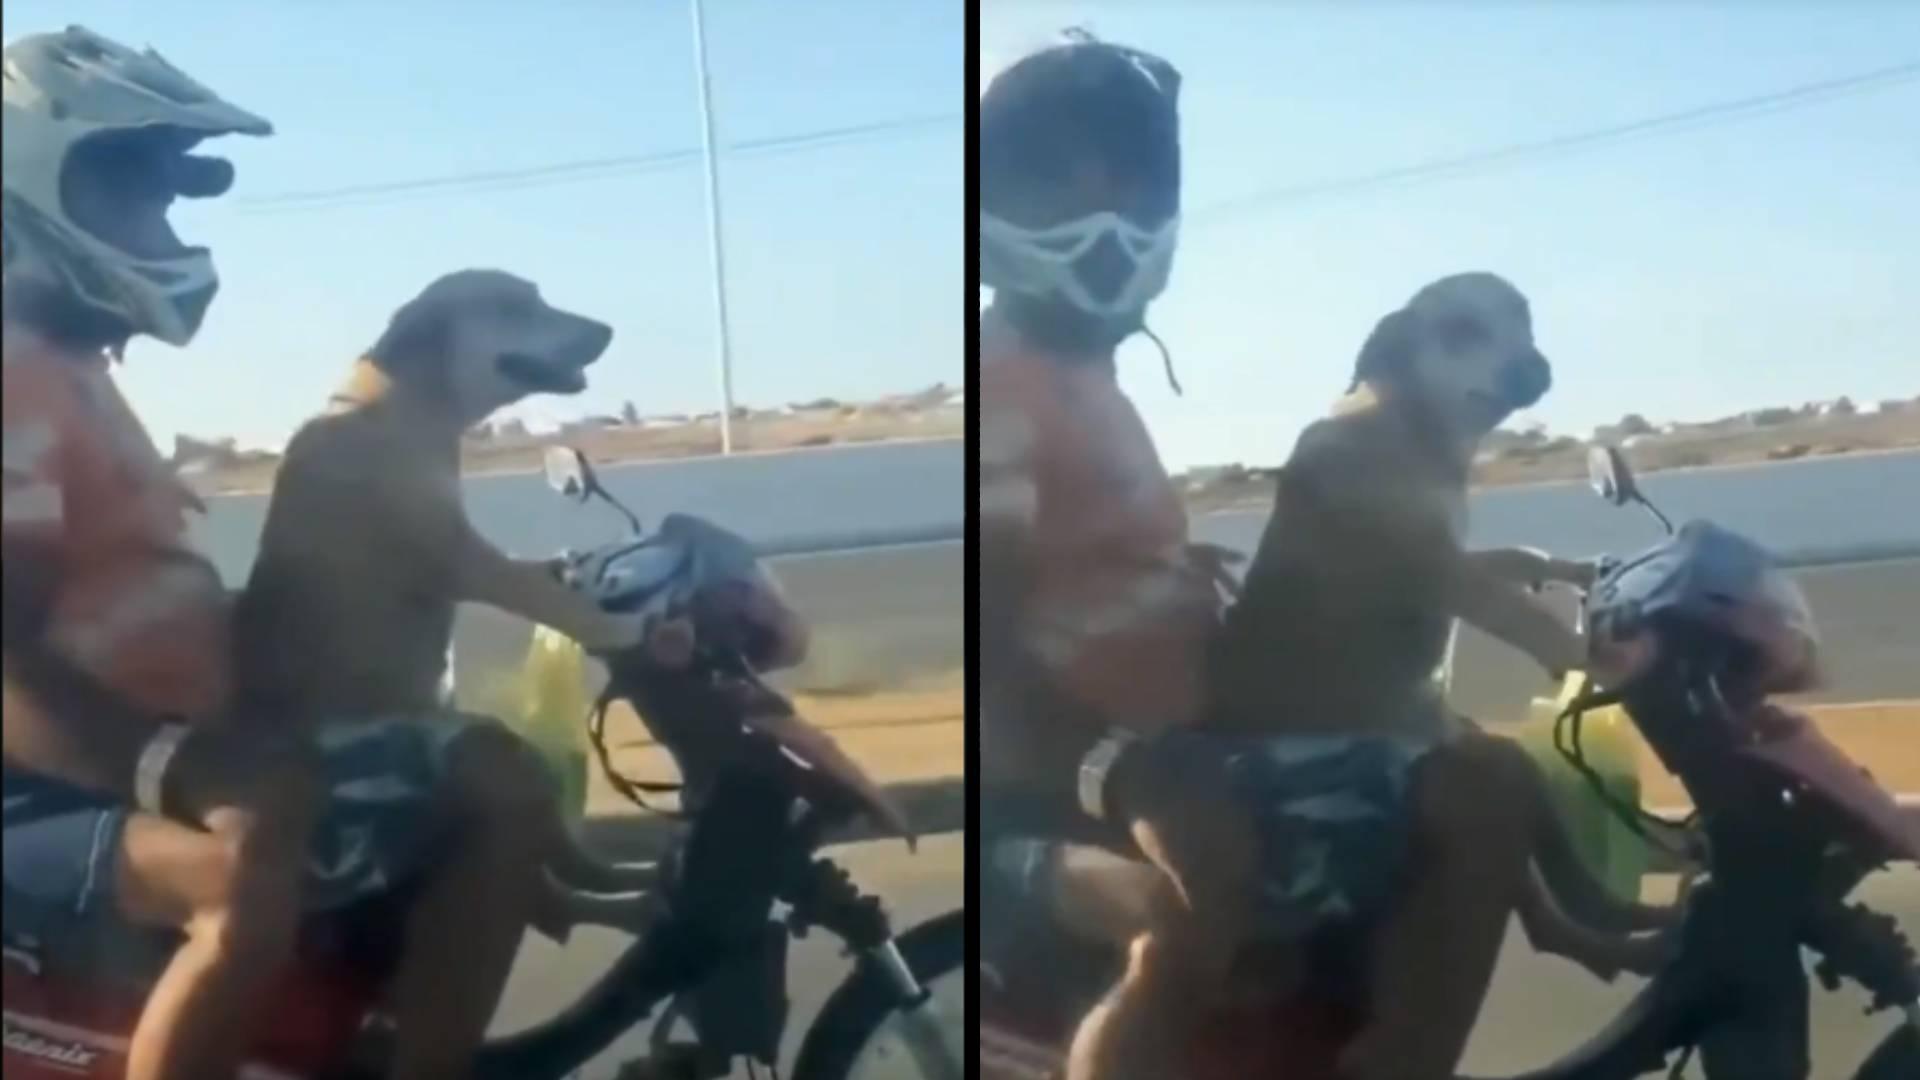 दो लोगों को बिठाकर कुत्ते ने चलाई स्कूटी, रफ्तार ऐसी की देखते रह गए लोग, यहां देखिए ये मजेदार Viral Video